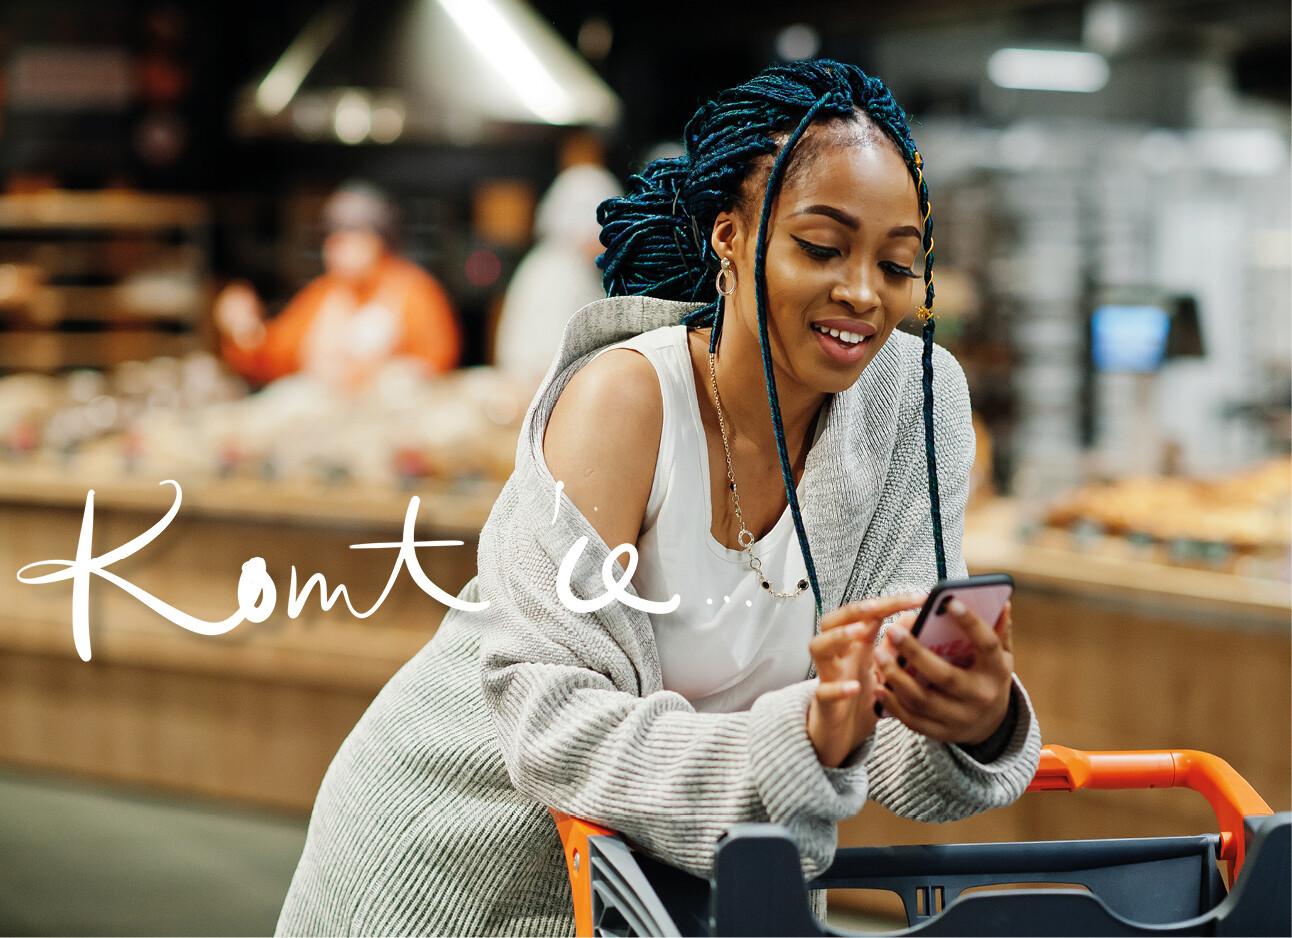 vrouw kijkend op haar telefoon leunend op een winkelwagentje